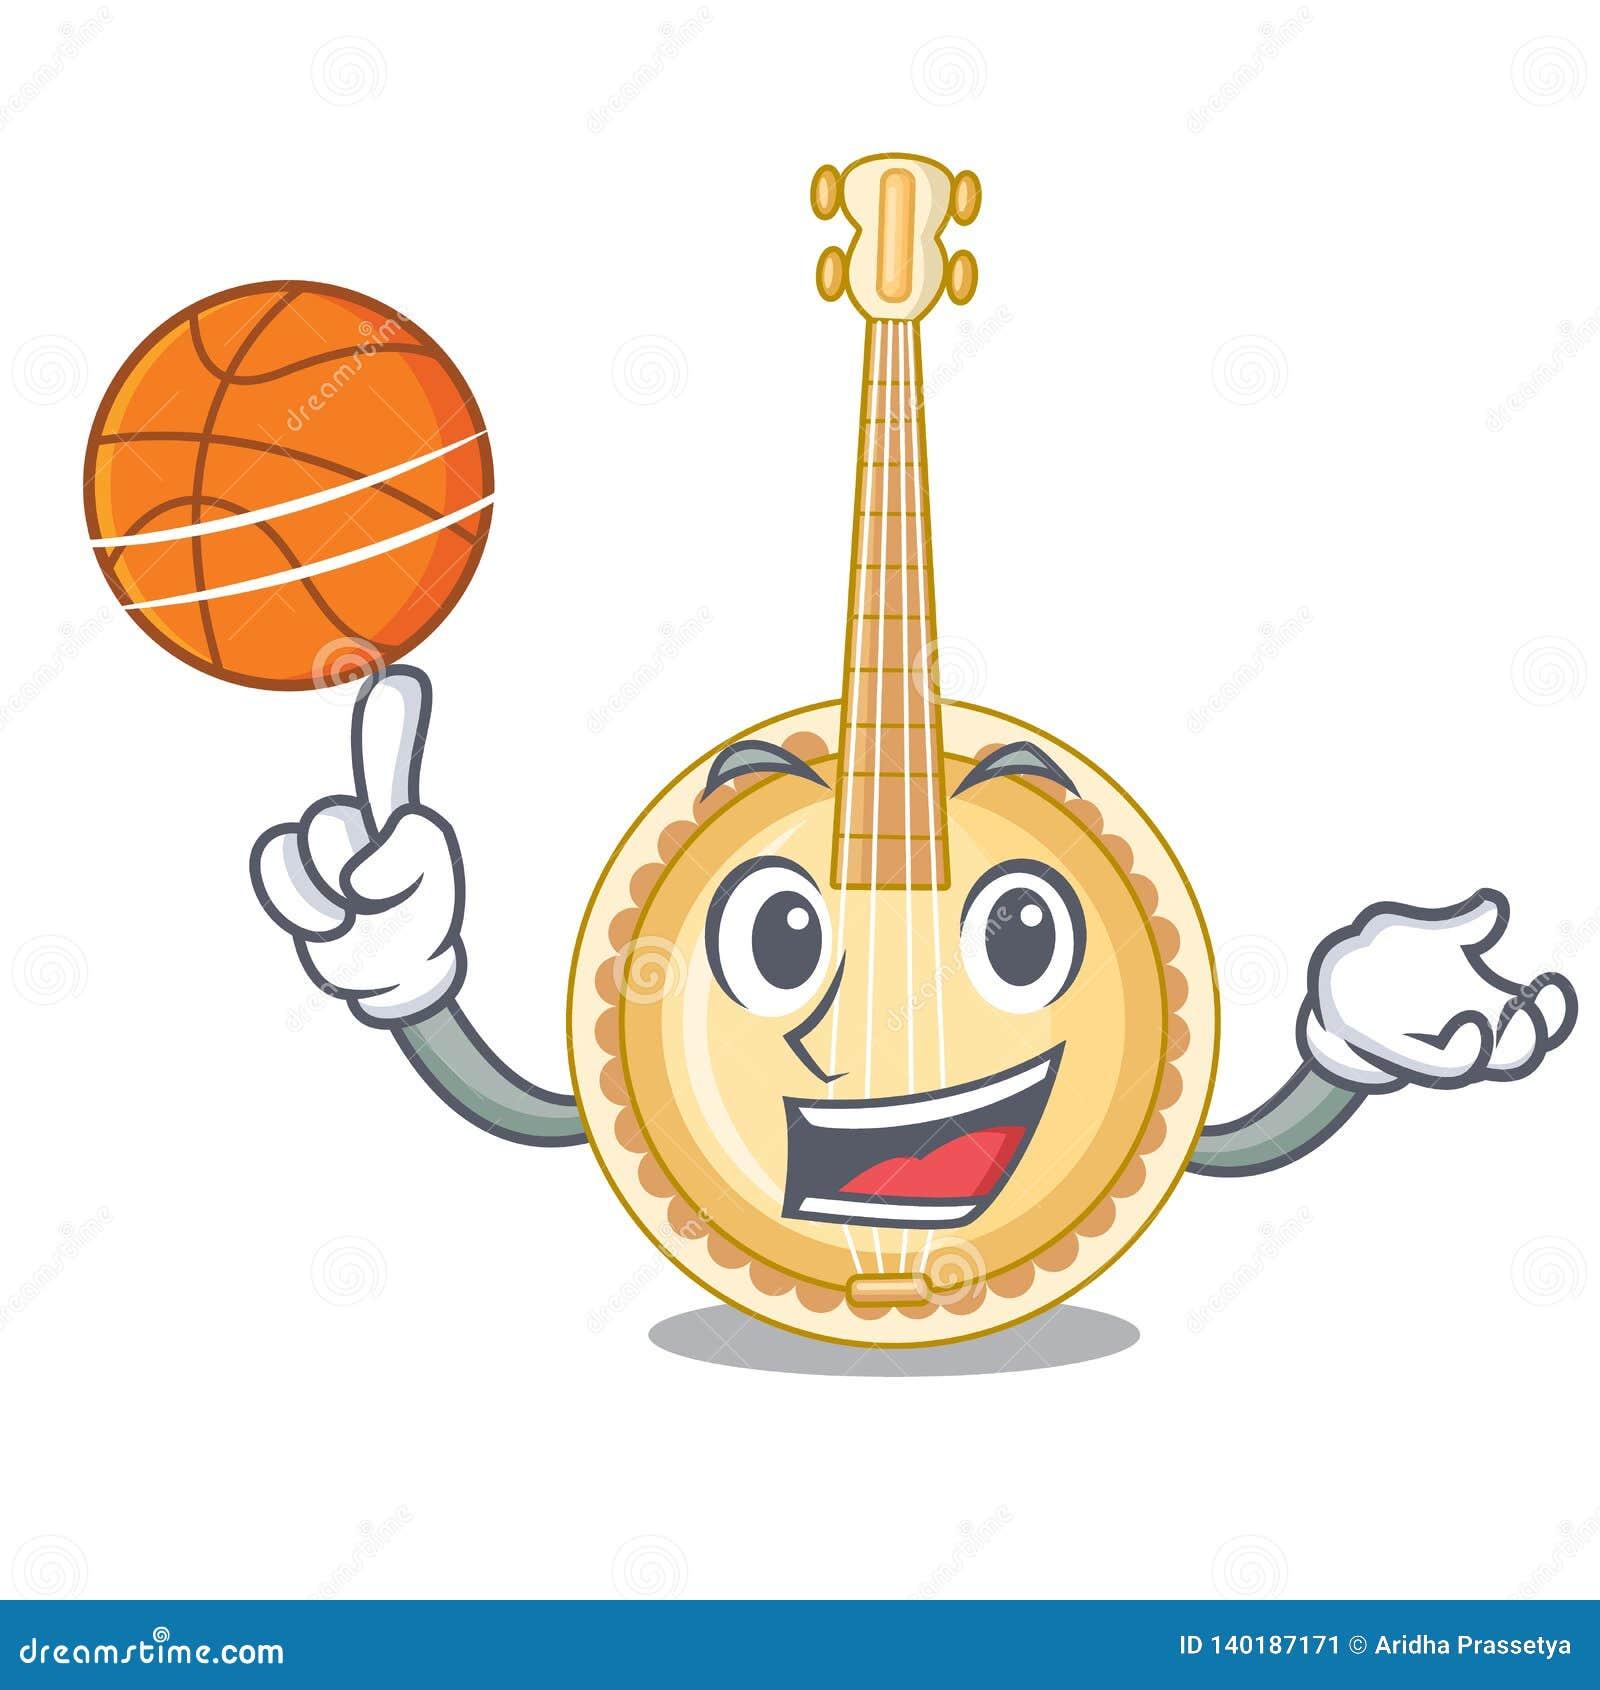 Med den gamla banjon för basket i formmaskot